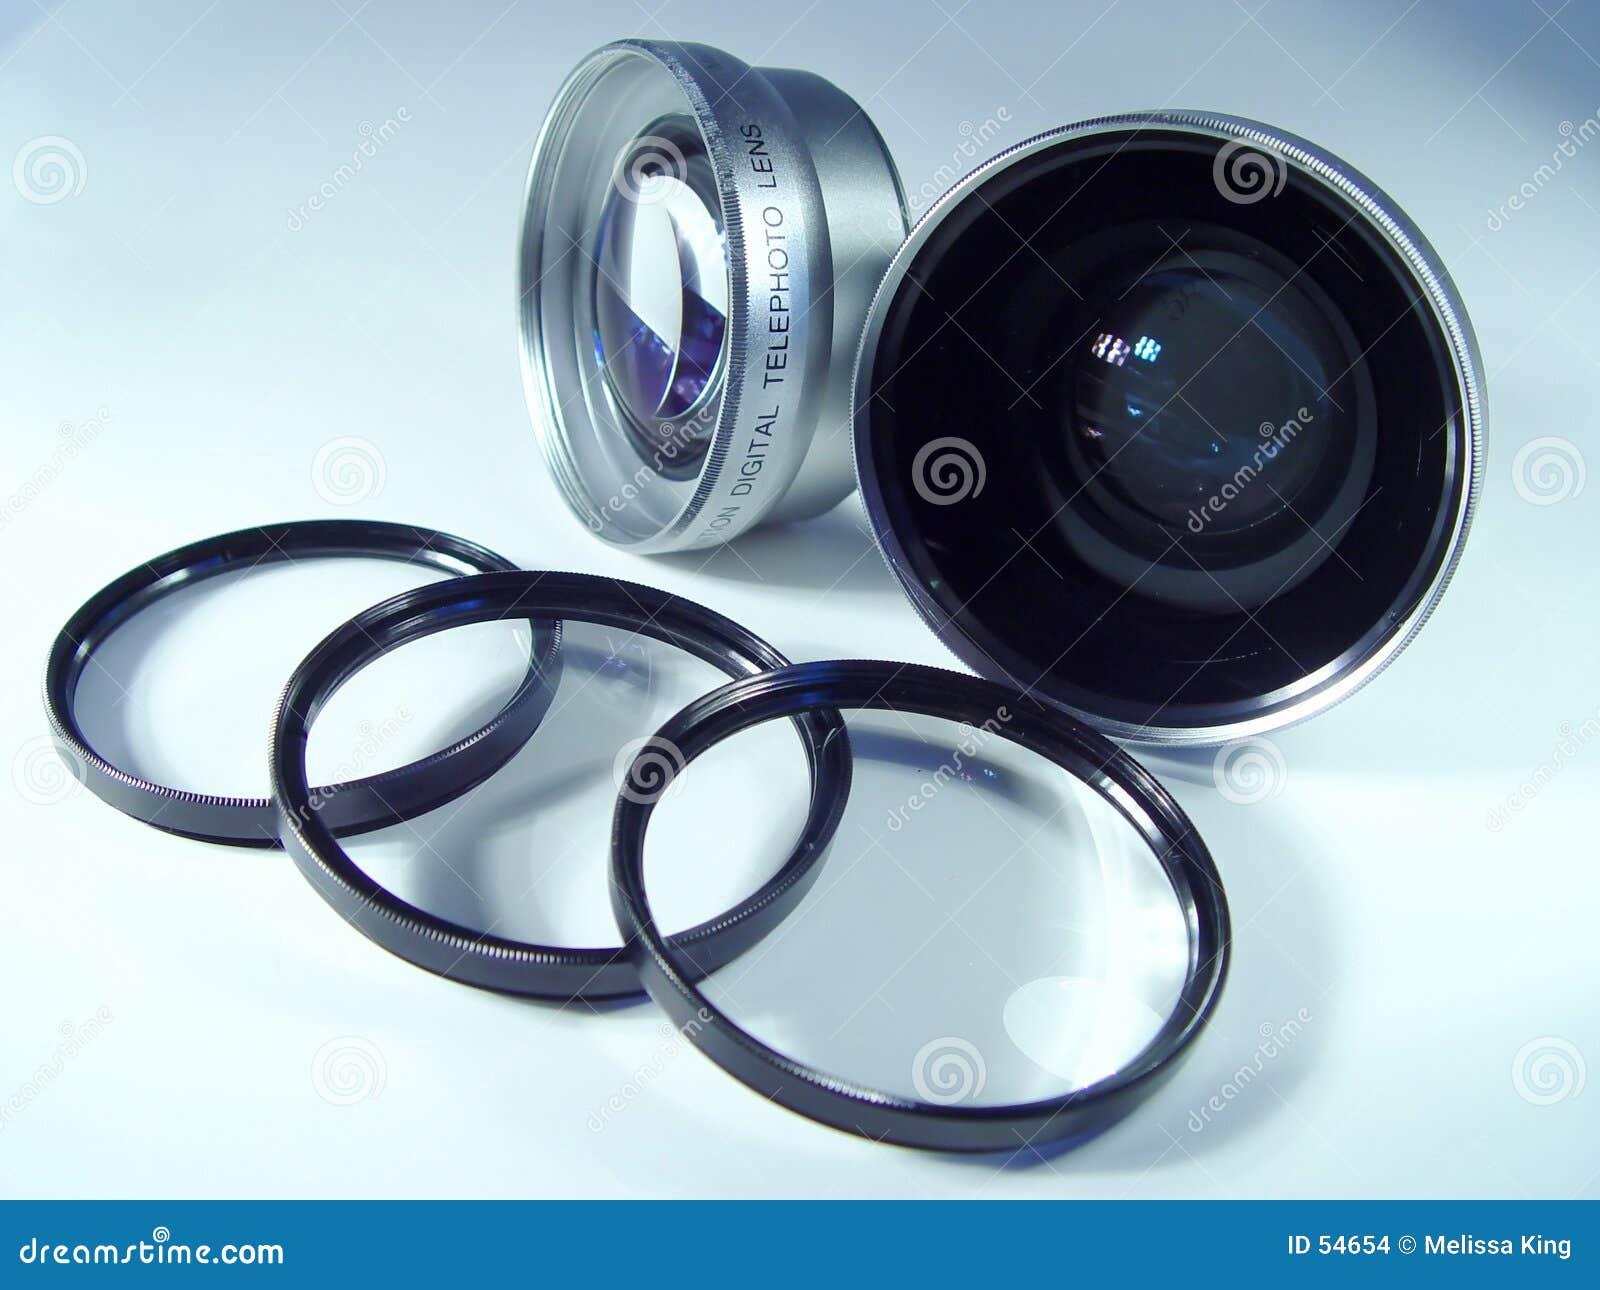 Download Objectif de caméra photo stock. Image du angle, saisonnier - 54654